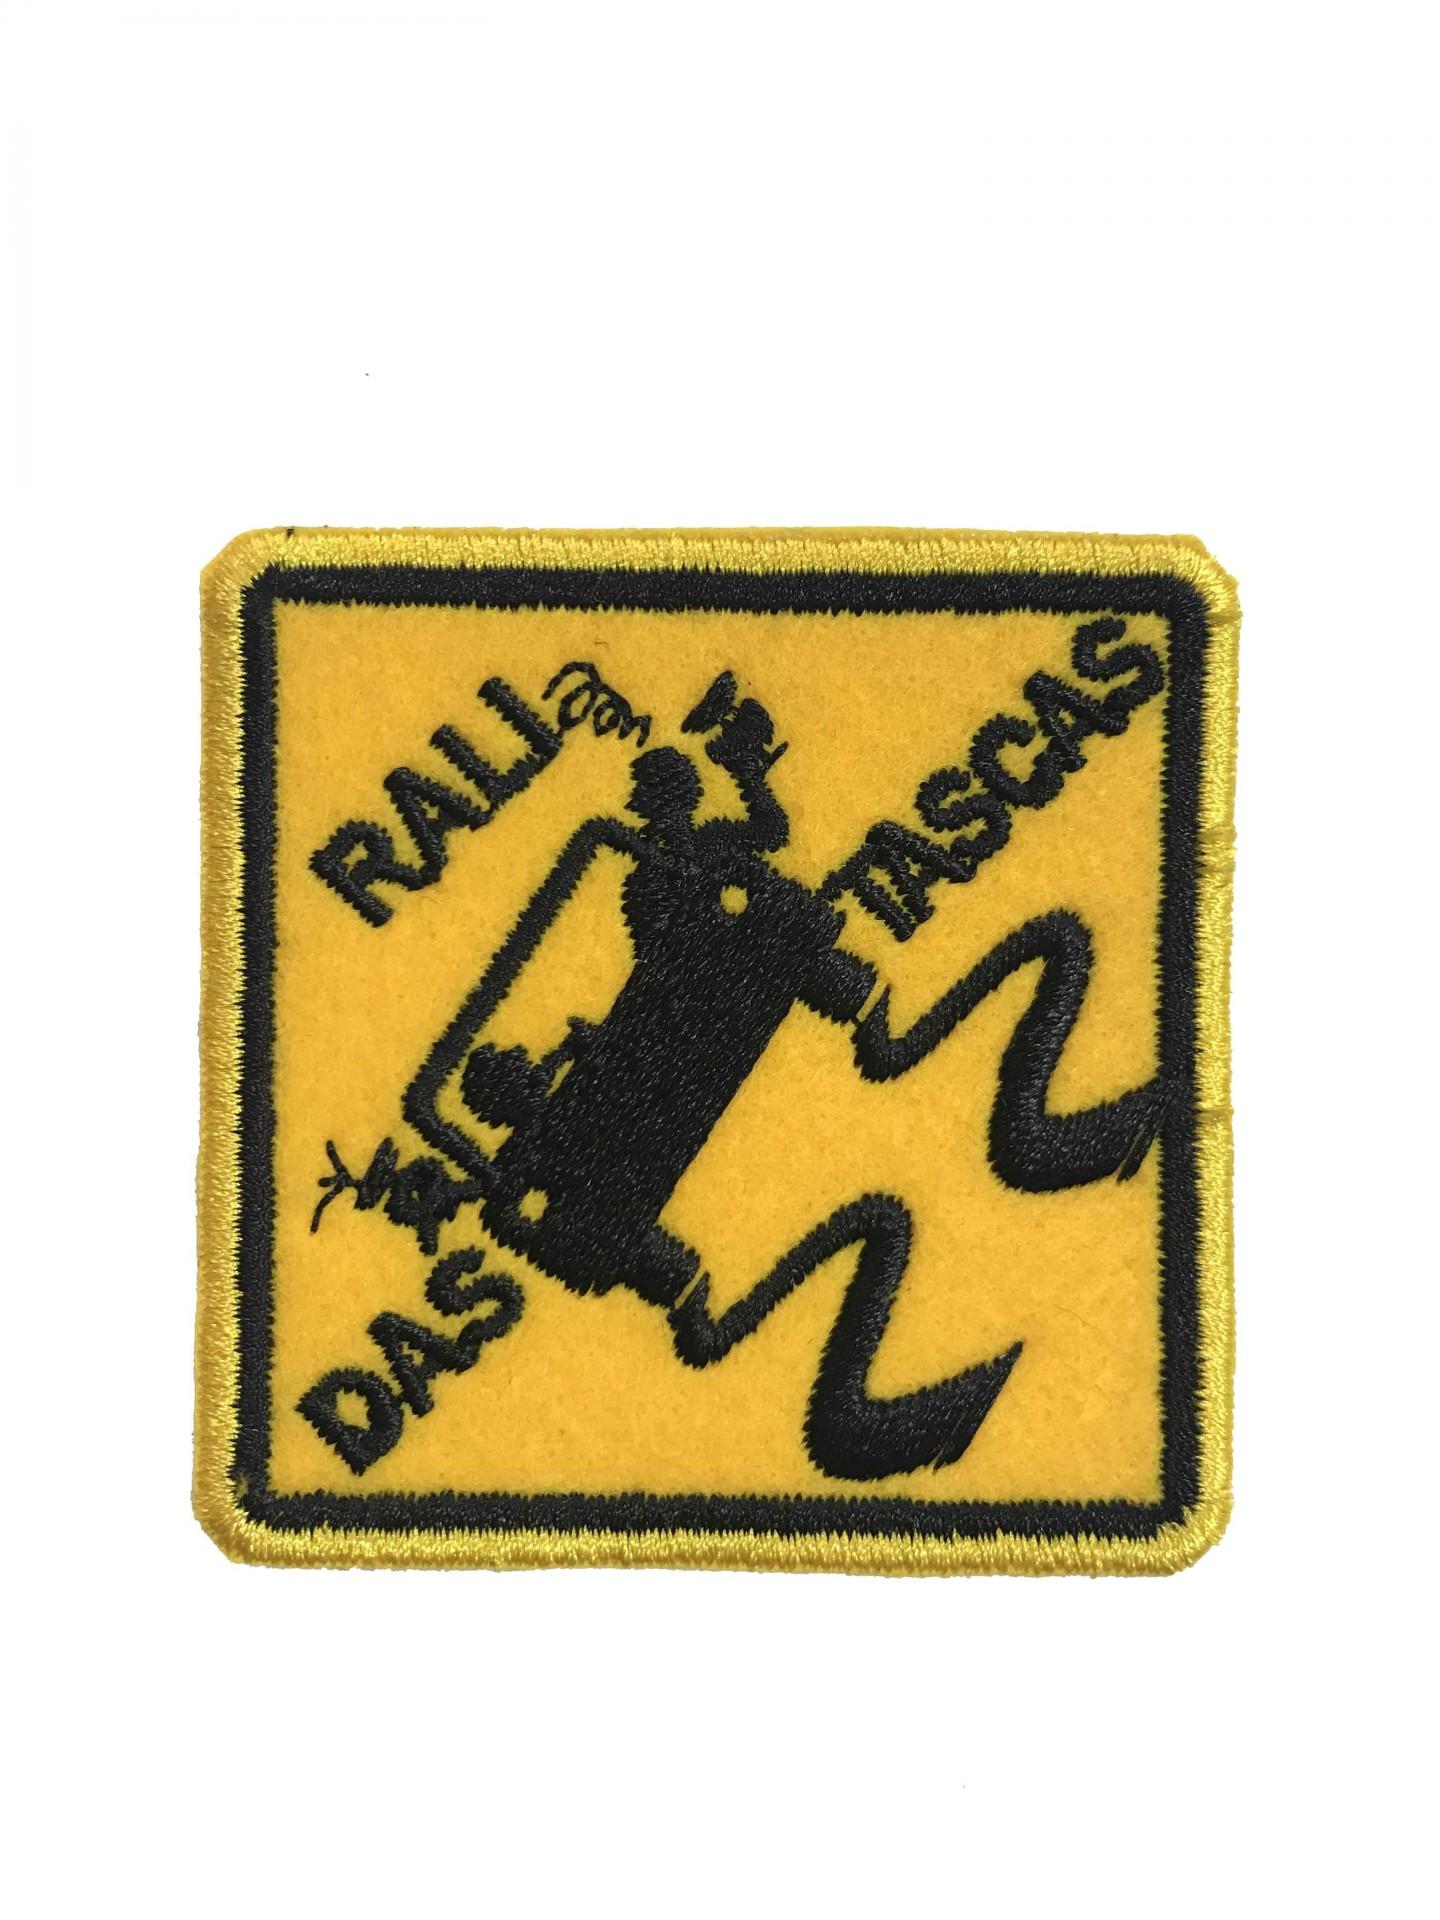 Emblema Rali das Tascas